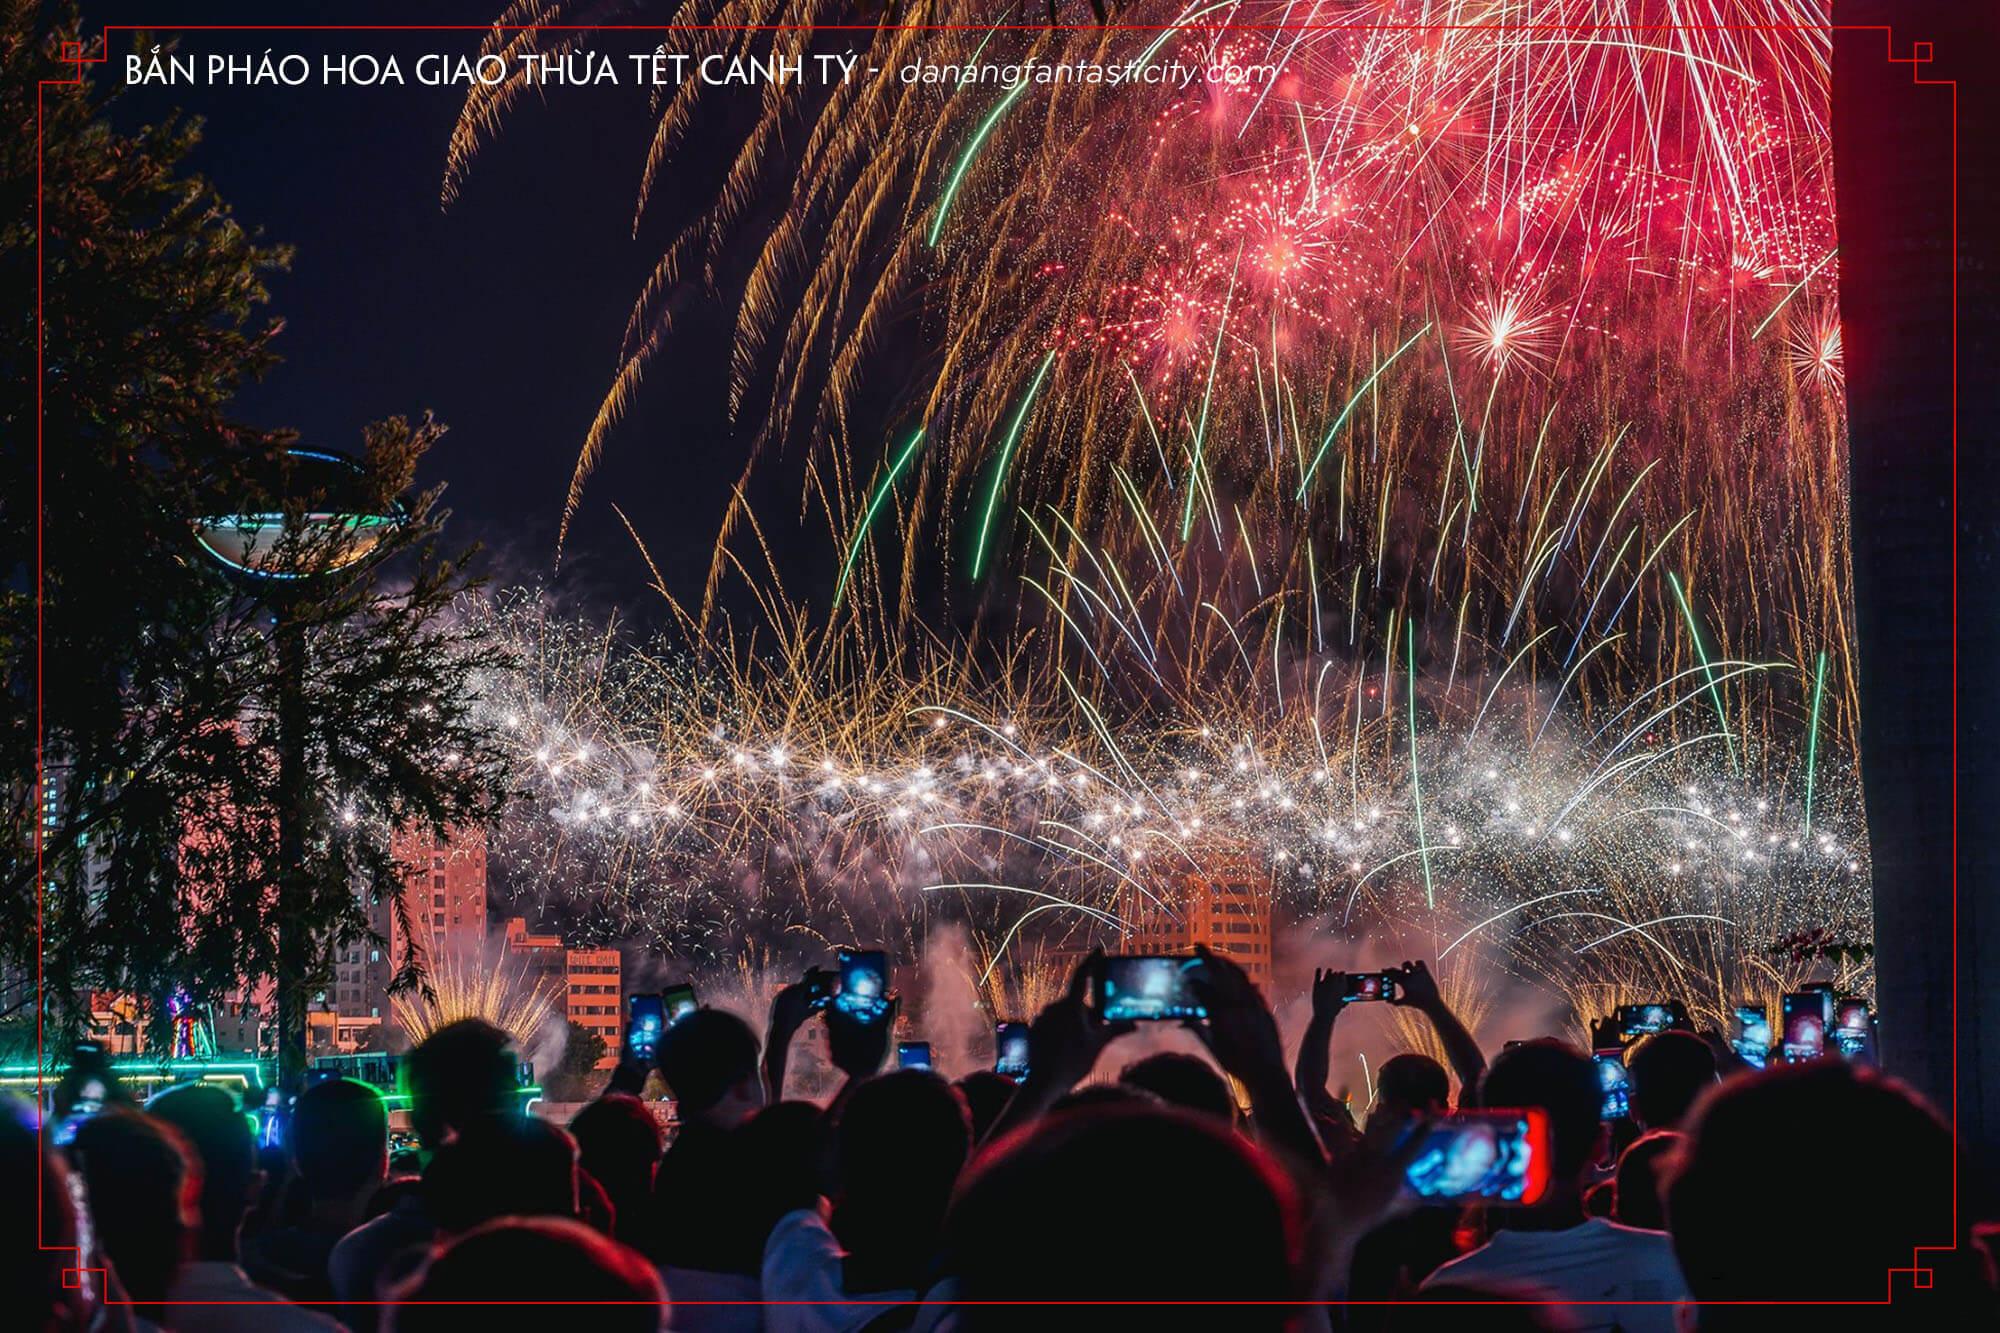 Hoat Dong Su Kien Tet Nguyen Dan Canh Ty 2020 Tai Da Nang Fantasticity Com Ban Phao Hoa Giao Thua Canh Ty 2020